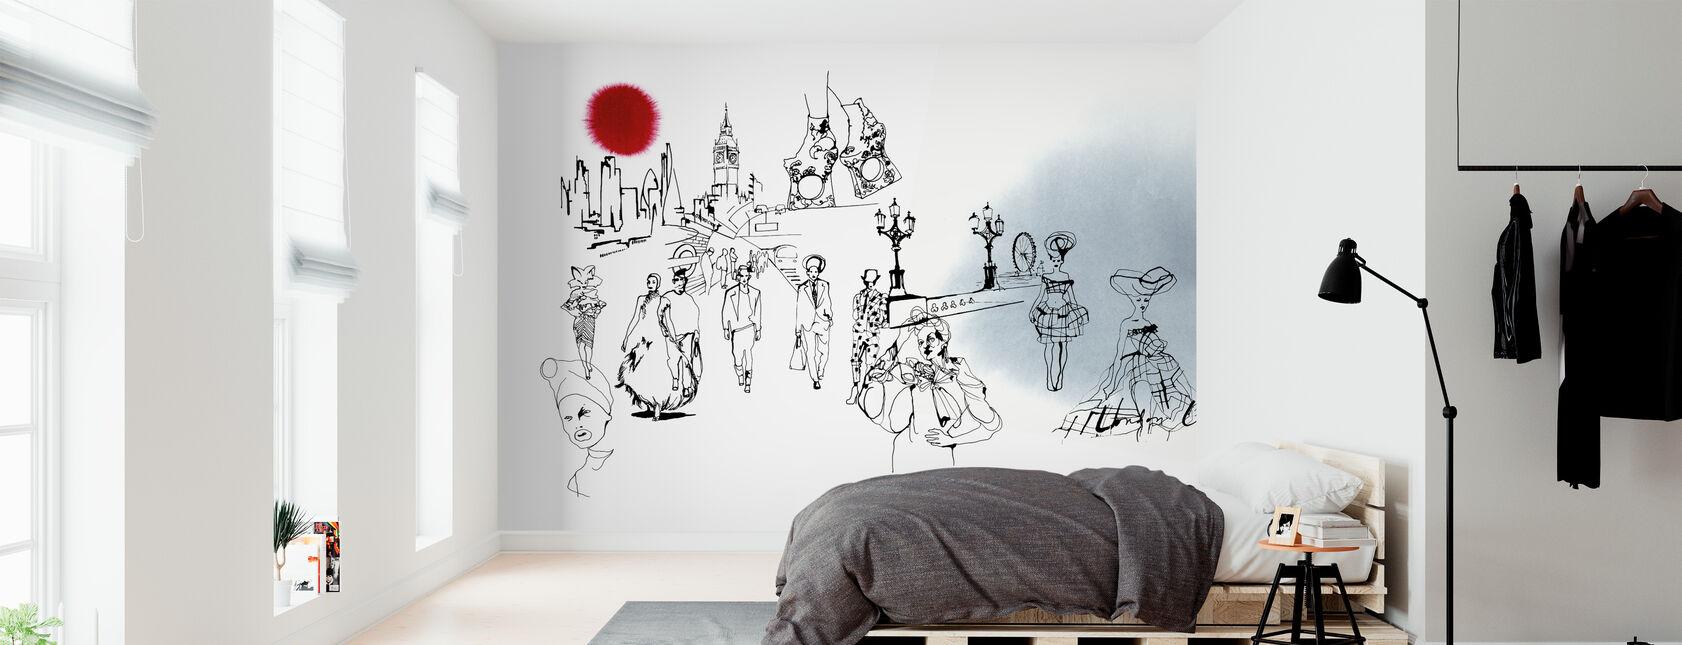 De London Editie - Behang - Slaapkamer